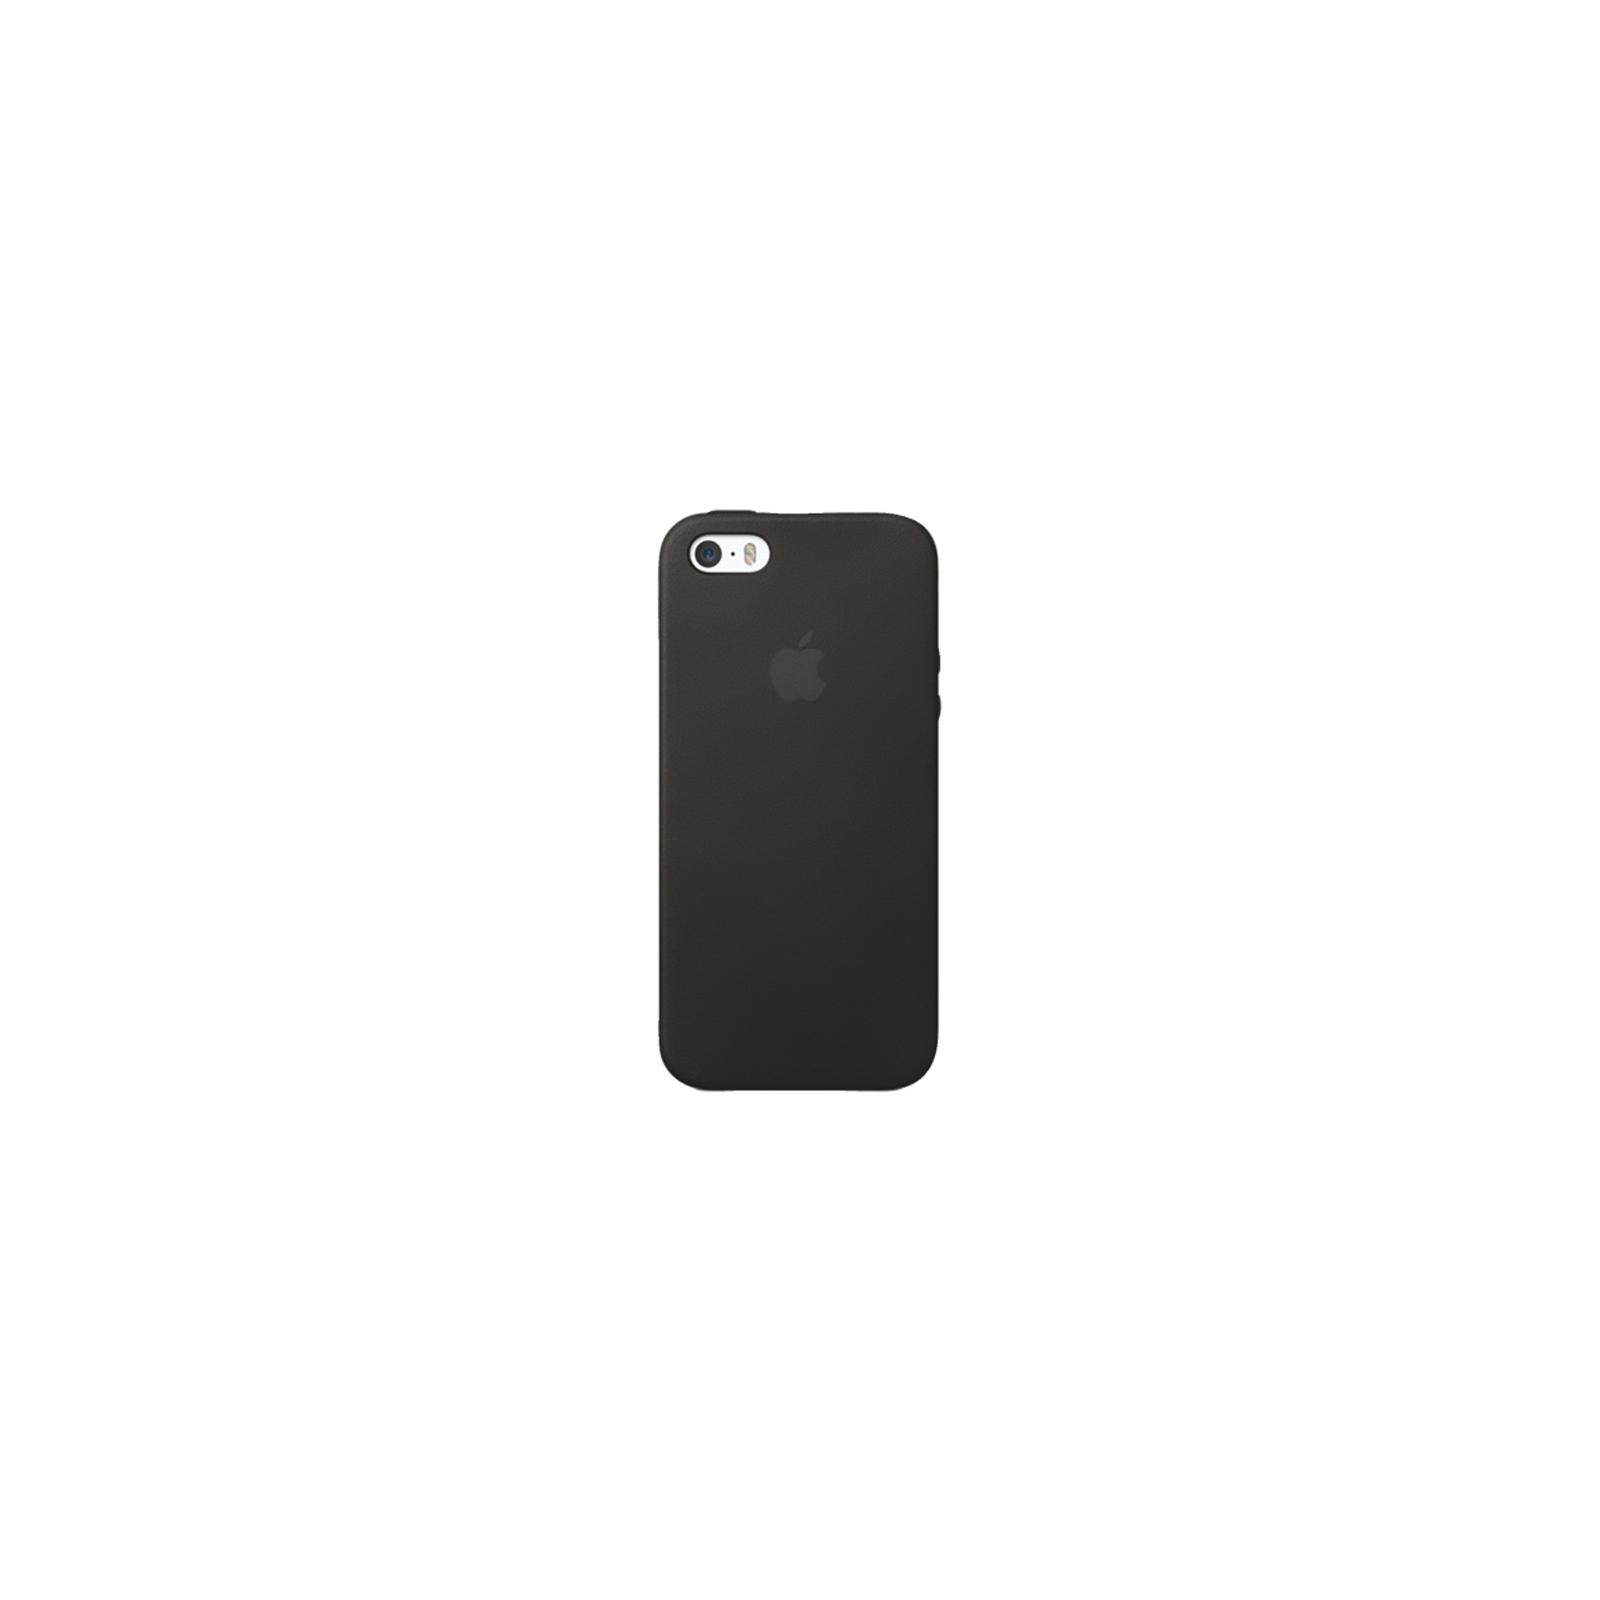 Чехол для моб. телефона Apple для iPhone 5s синий (MF044ZM/A)